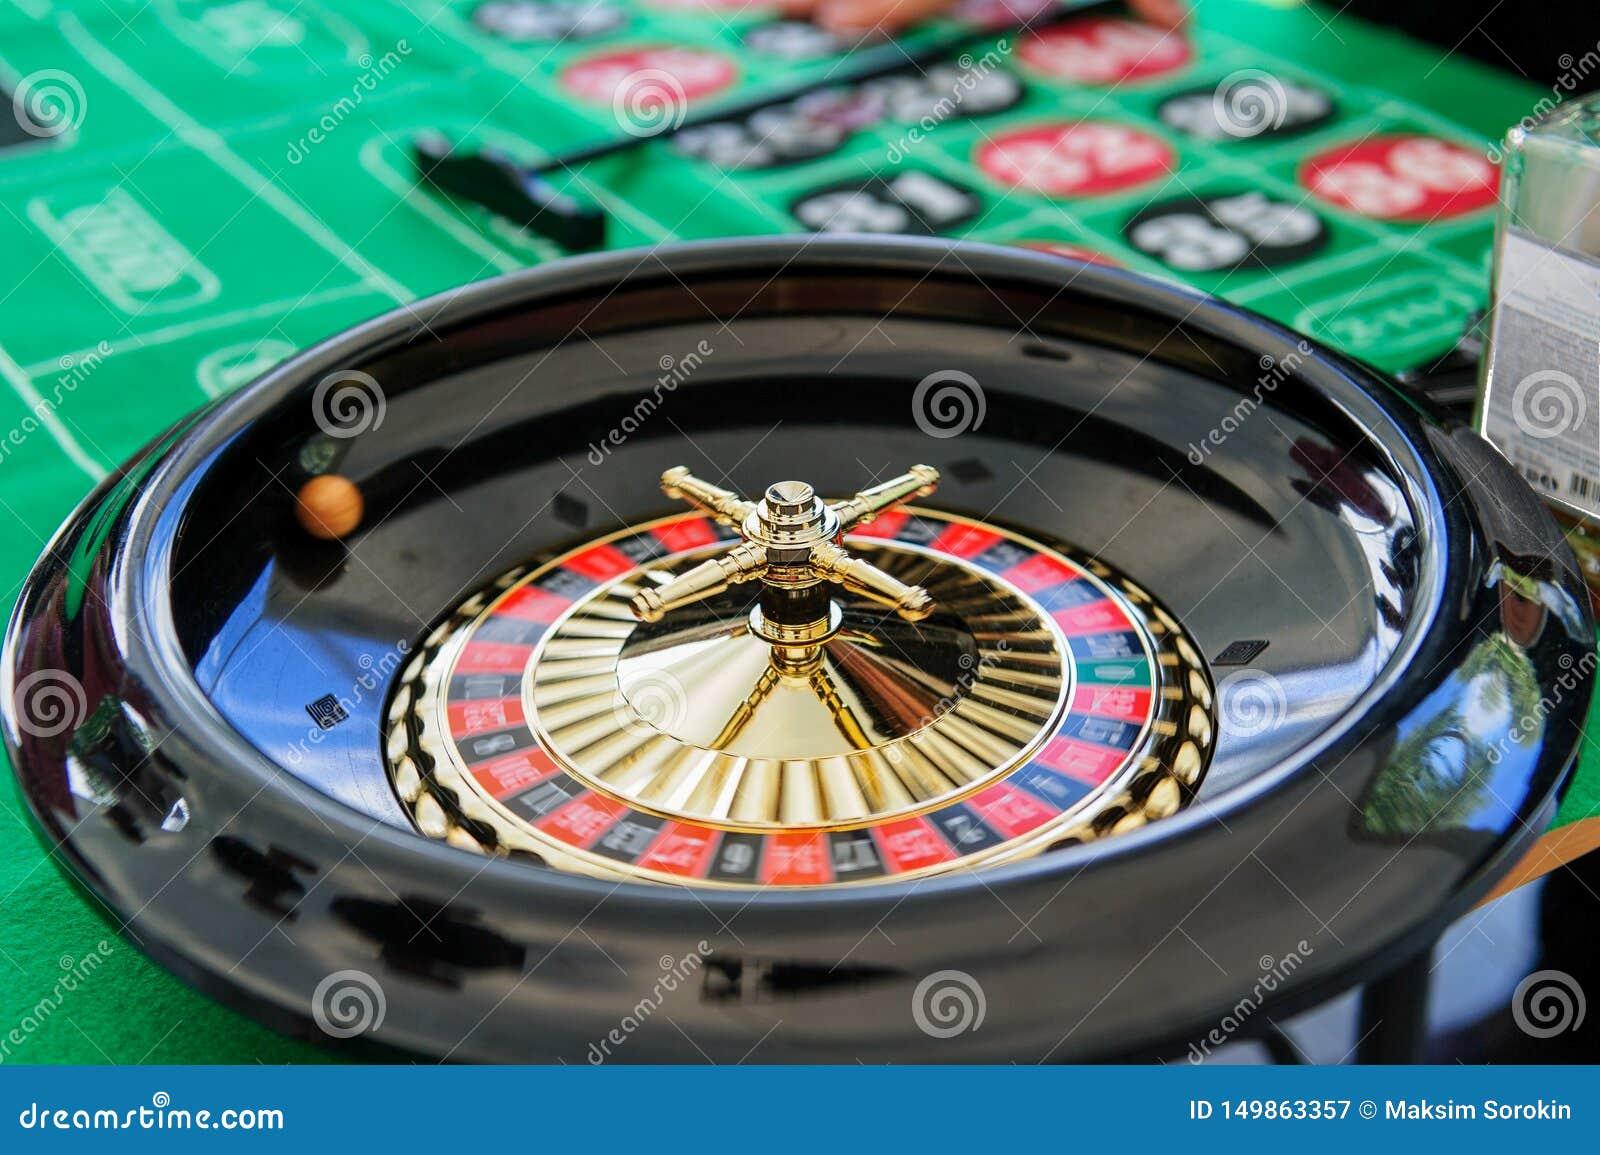 Jugar la ruleta en un casino en una tabla verde